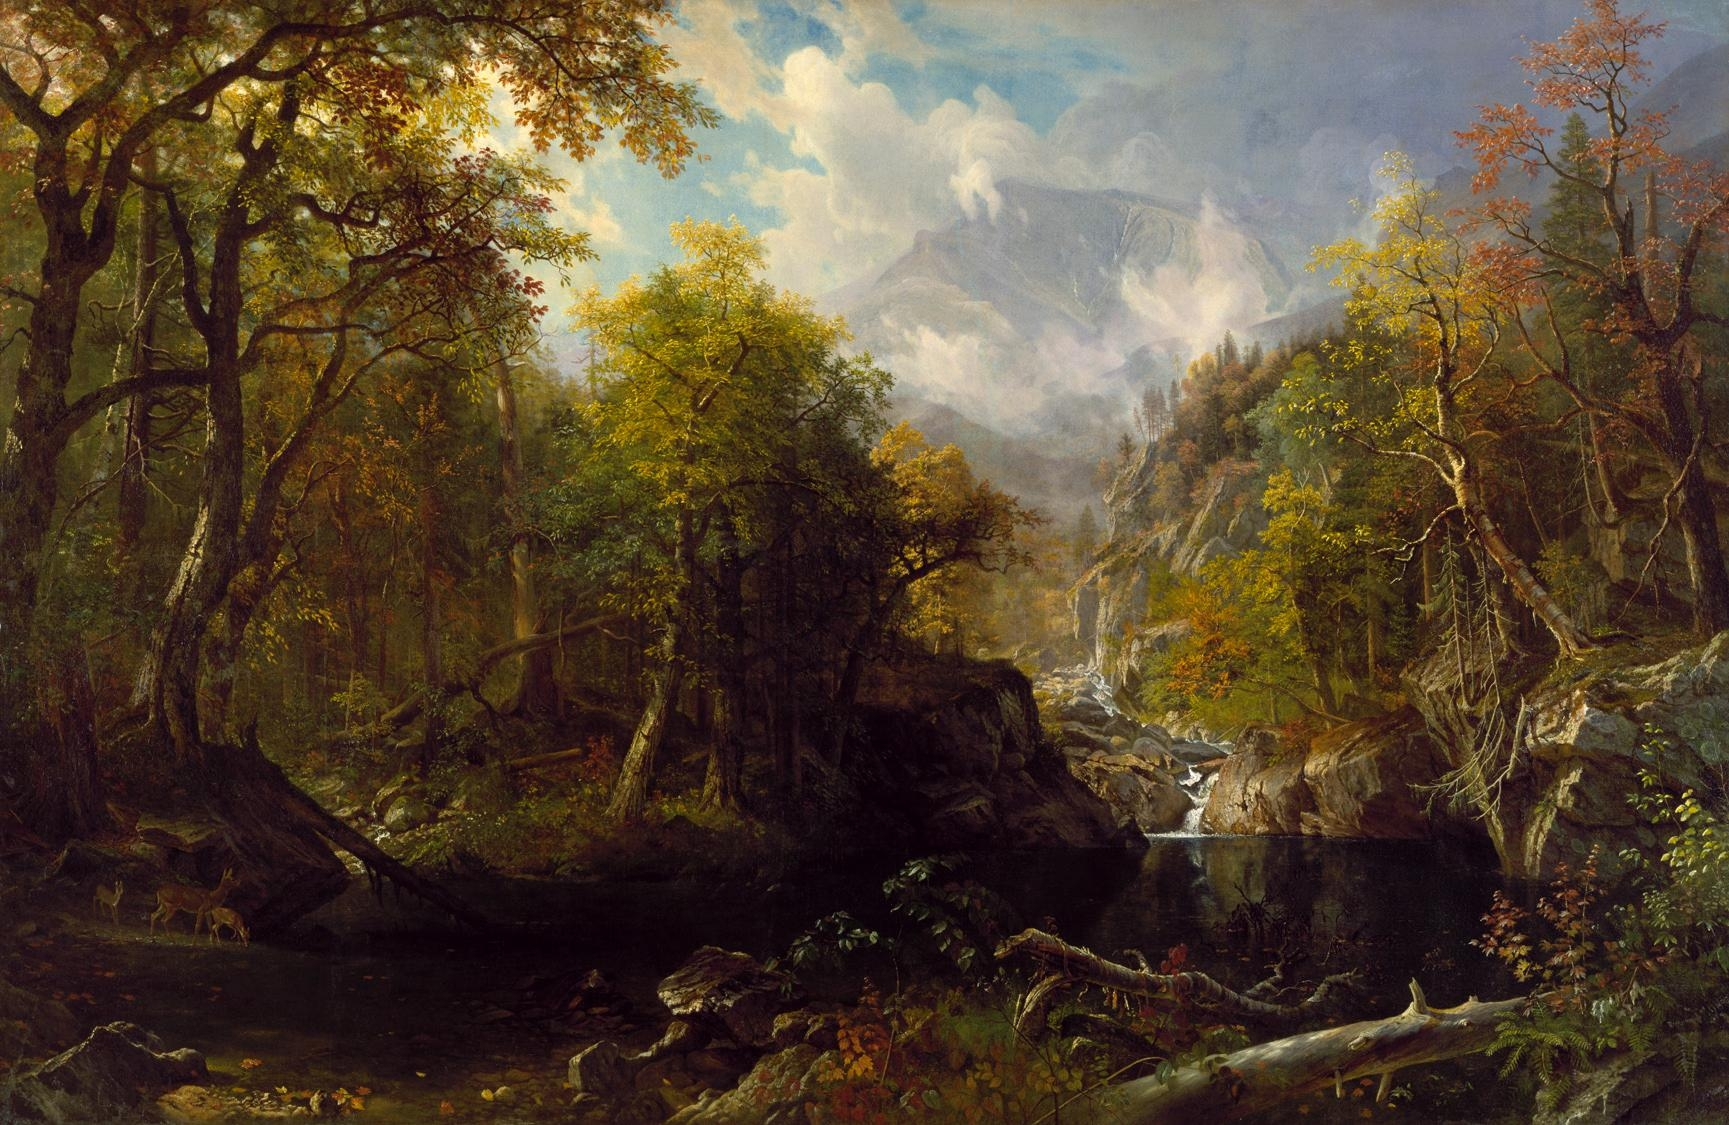 Albert Bierstadt Painting In The National Art Museum